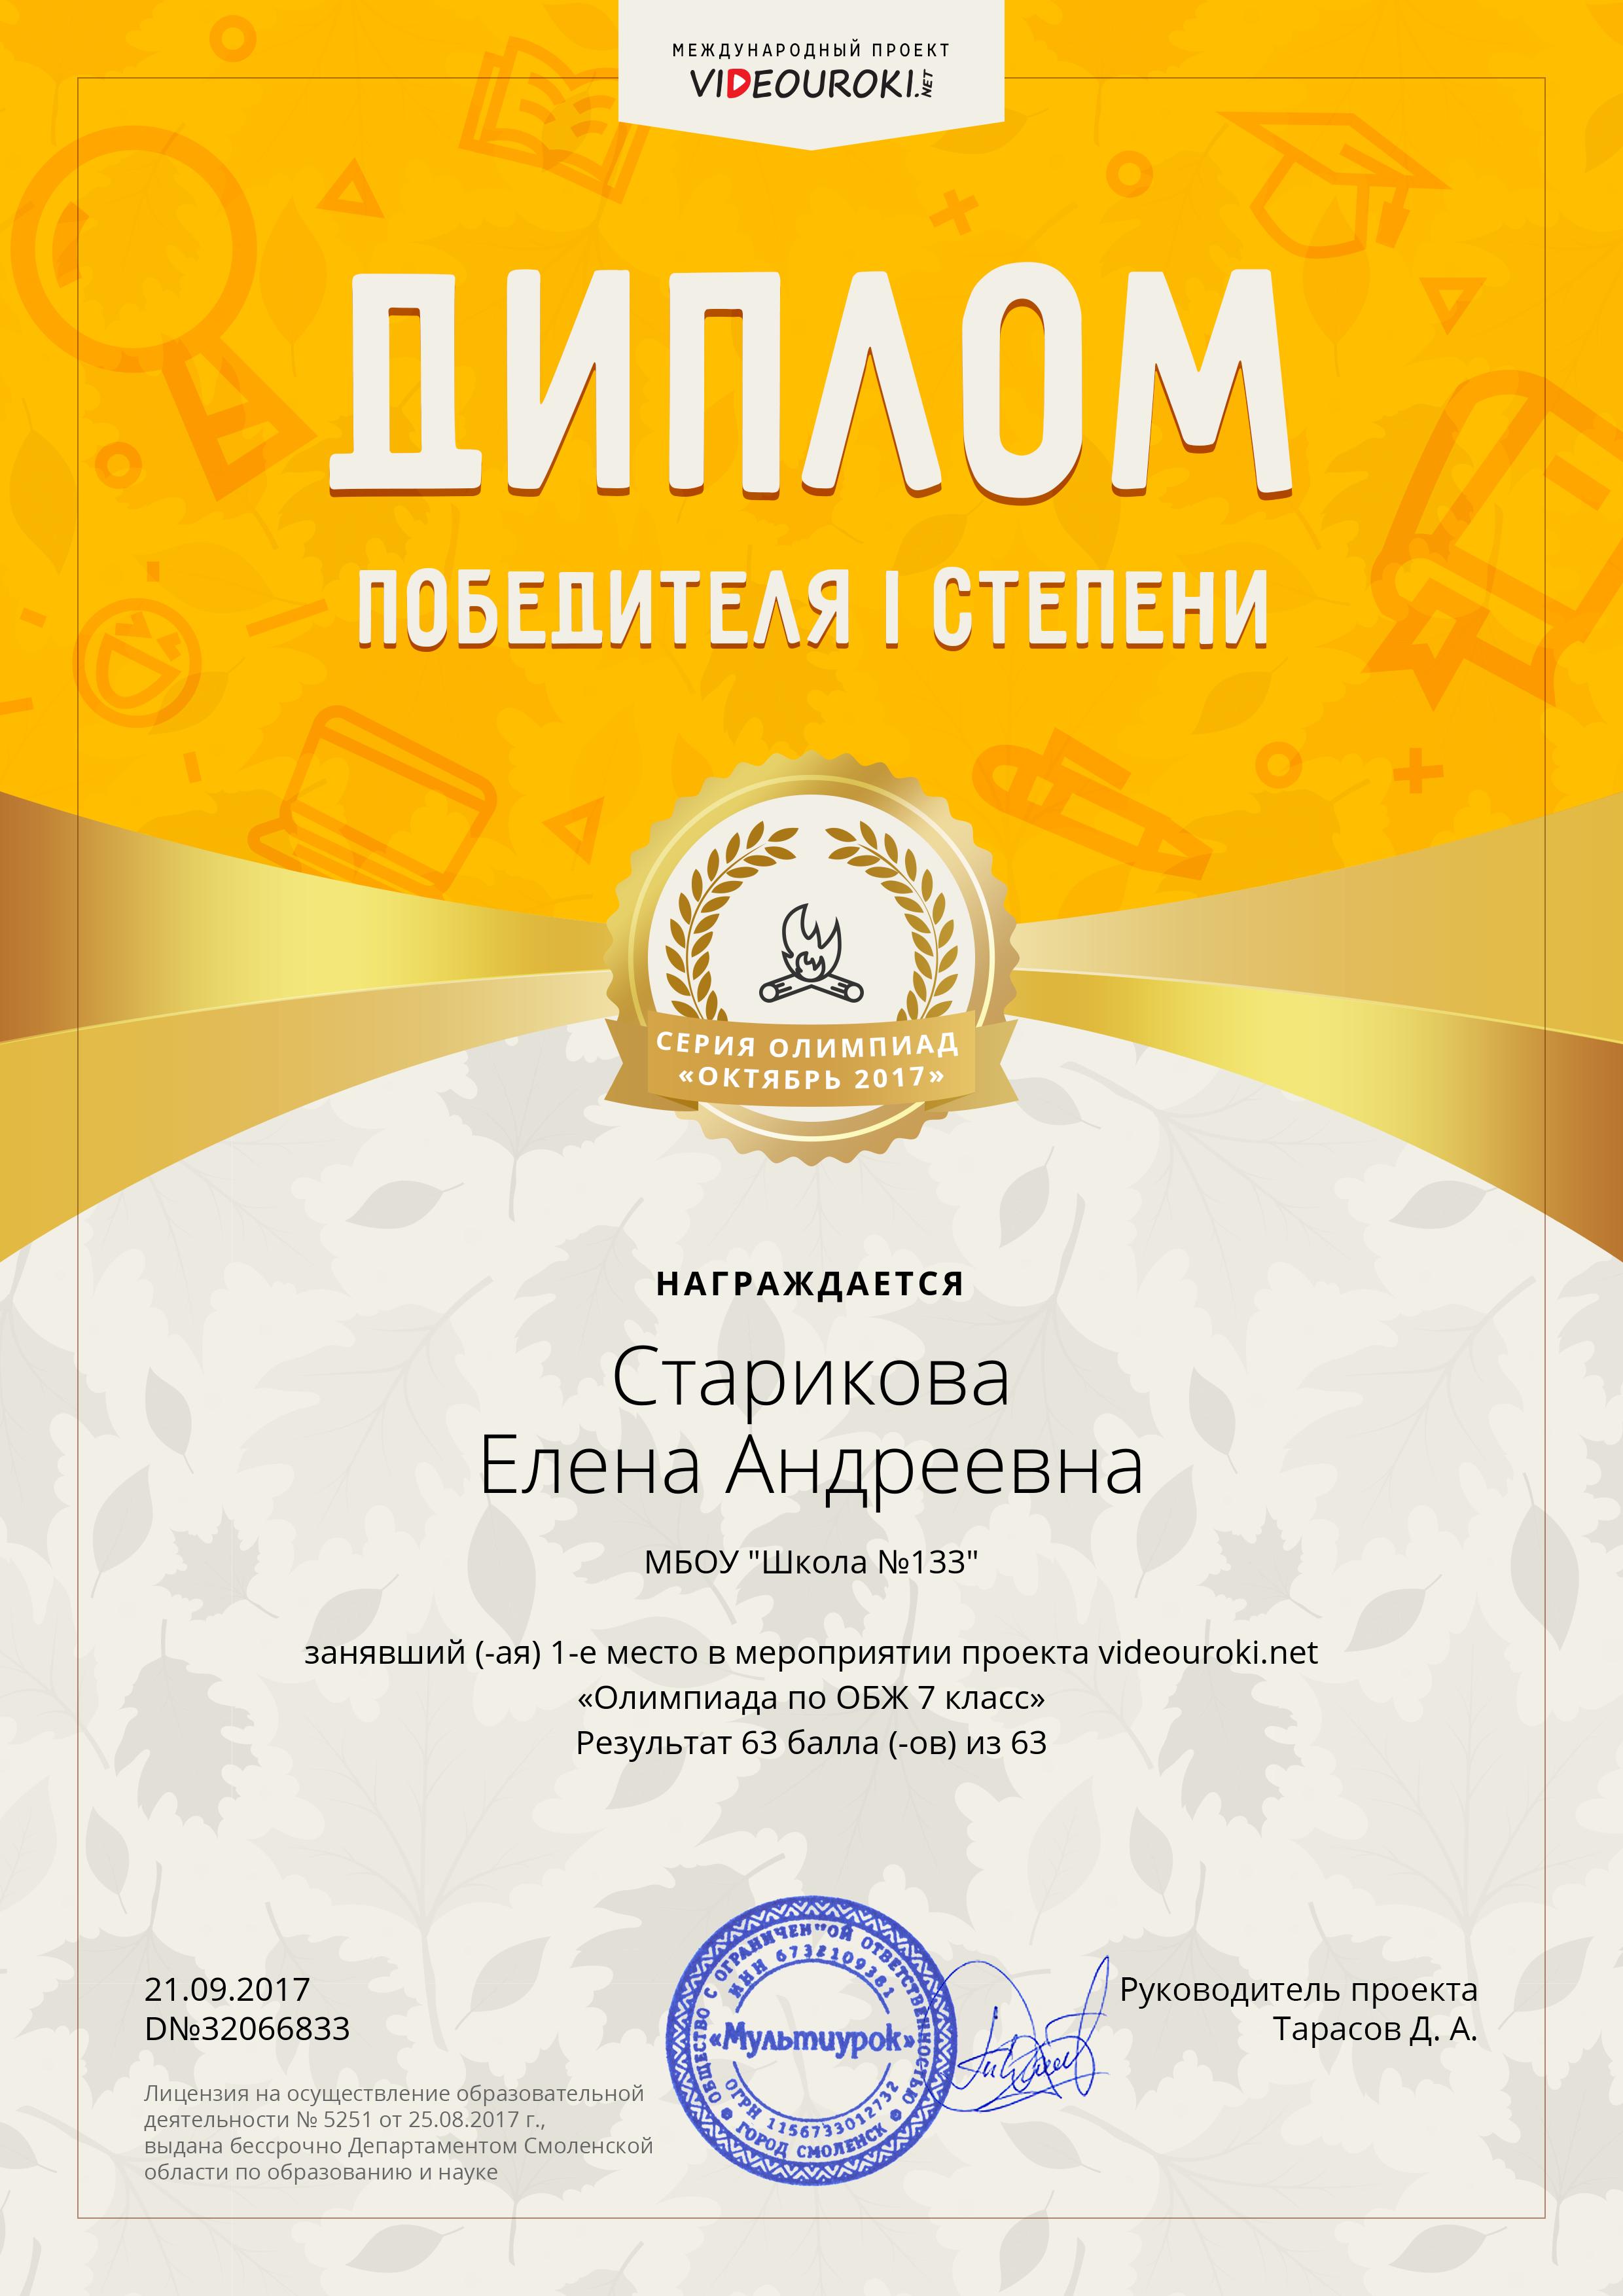 10177959. 32066833-Старикова Елена Андреевна.png